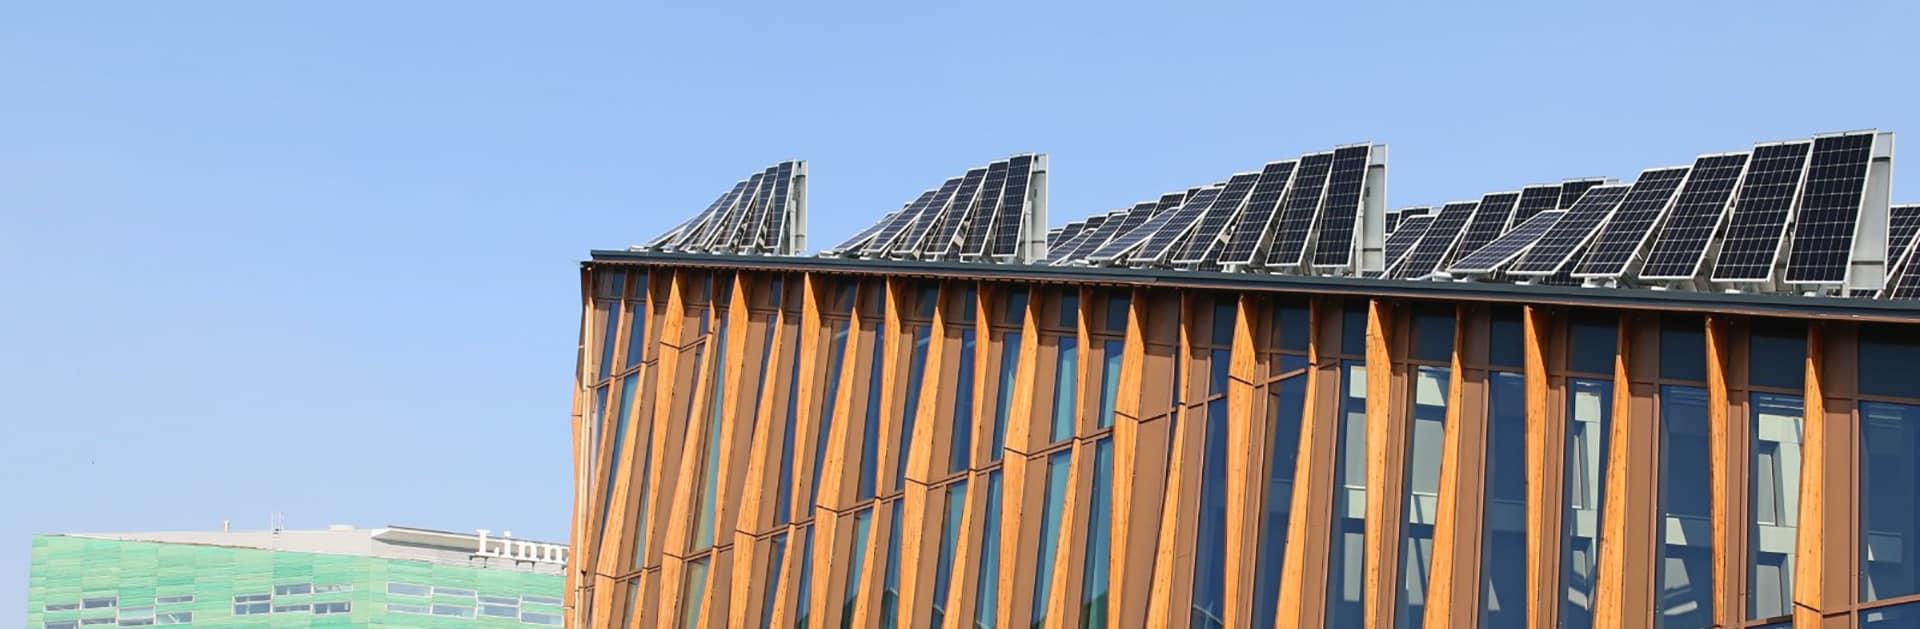 Duurzaamheid en gezondheid in gebouwen